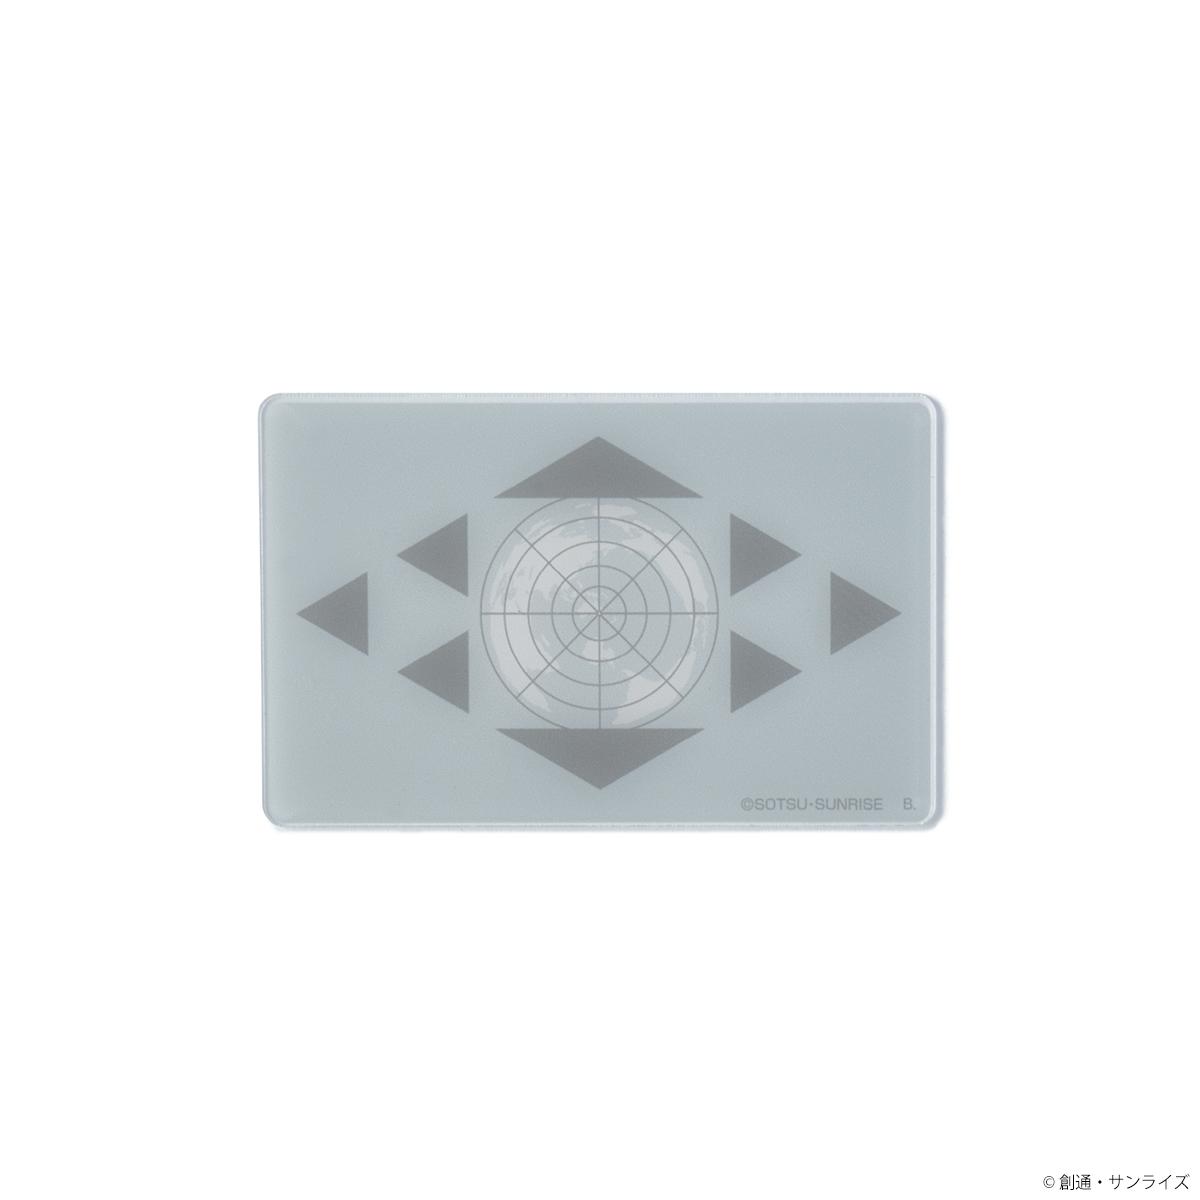 STRICT-G『機動戦士ガンダム 閃光のハサウェイ』 TASADAY HOTELS レザーカードケース